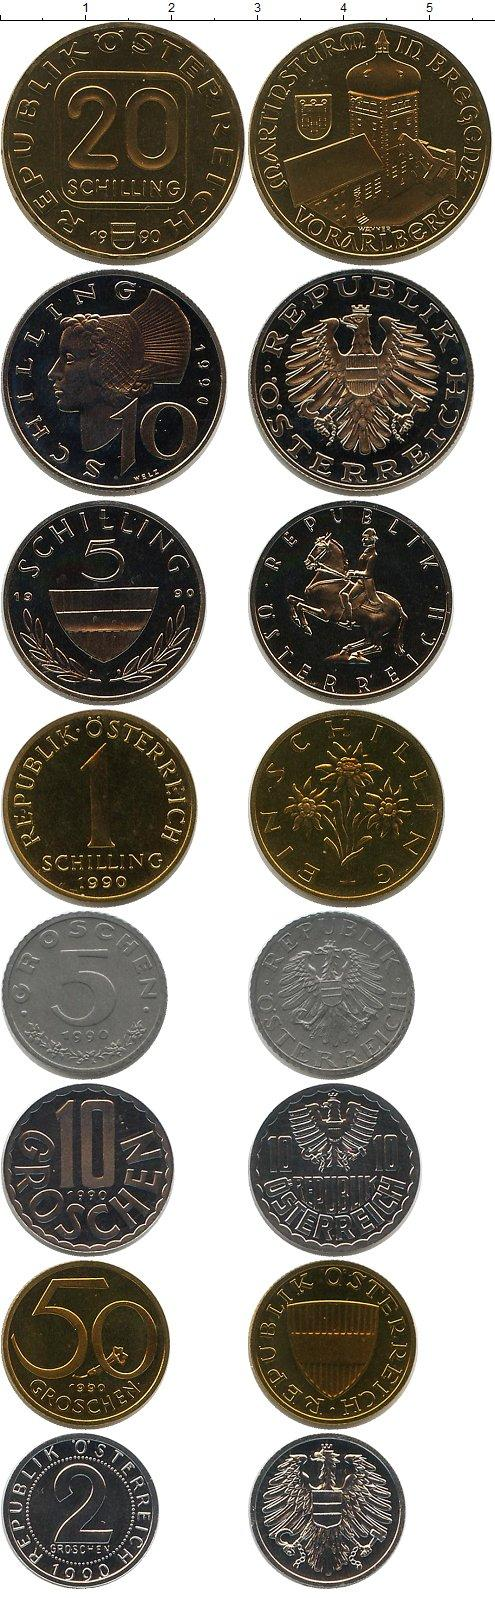 Каталог монет - Австрия Выпуск 1990